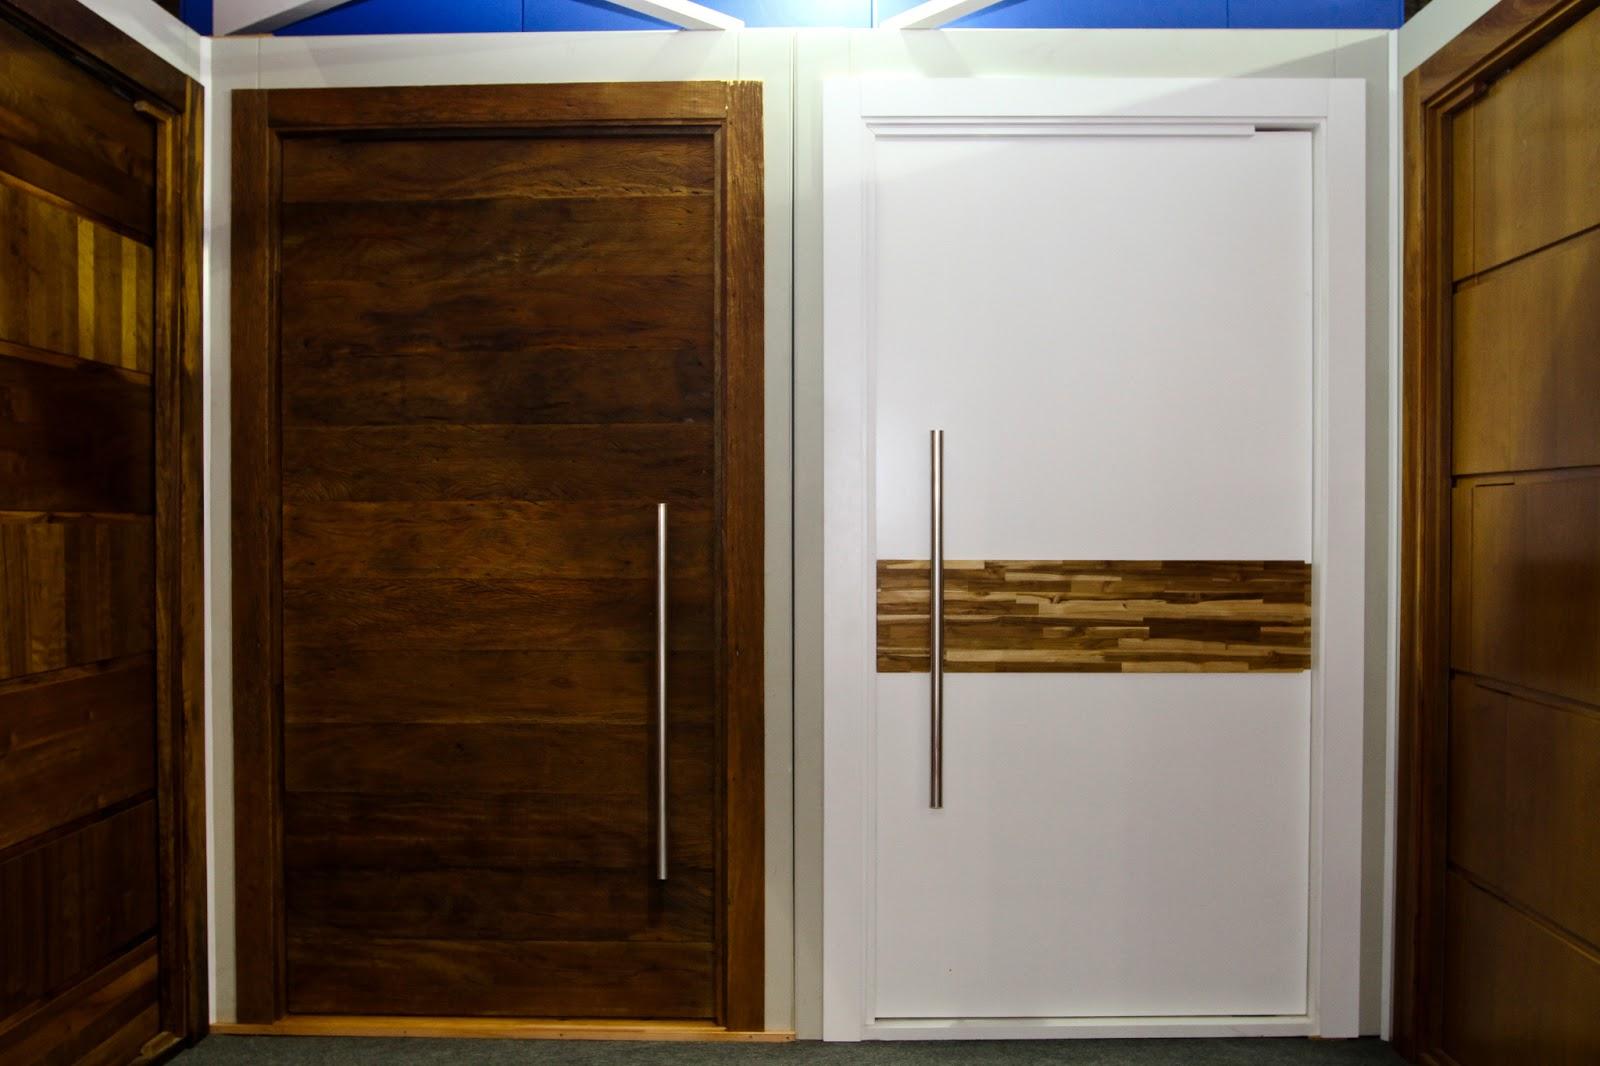 #113891 Portas e Janelas soluções completas em esquadrias de madeira  468 Janelas Duplas Em Madeira